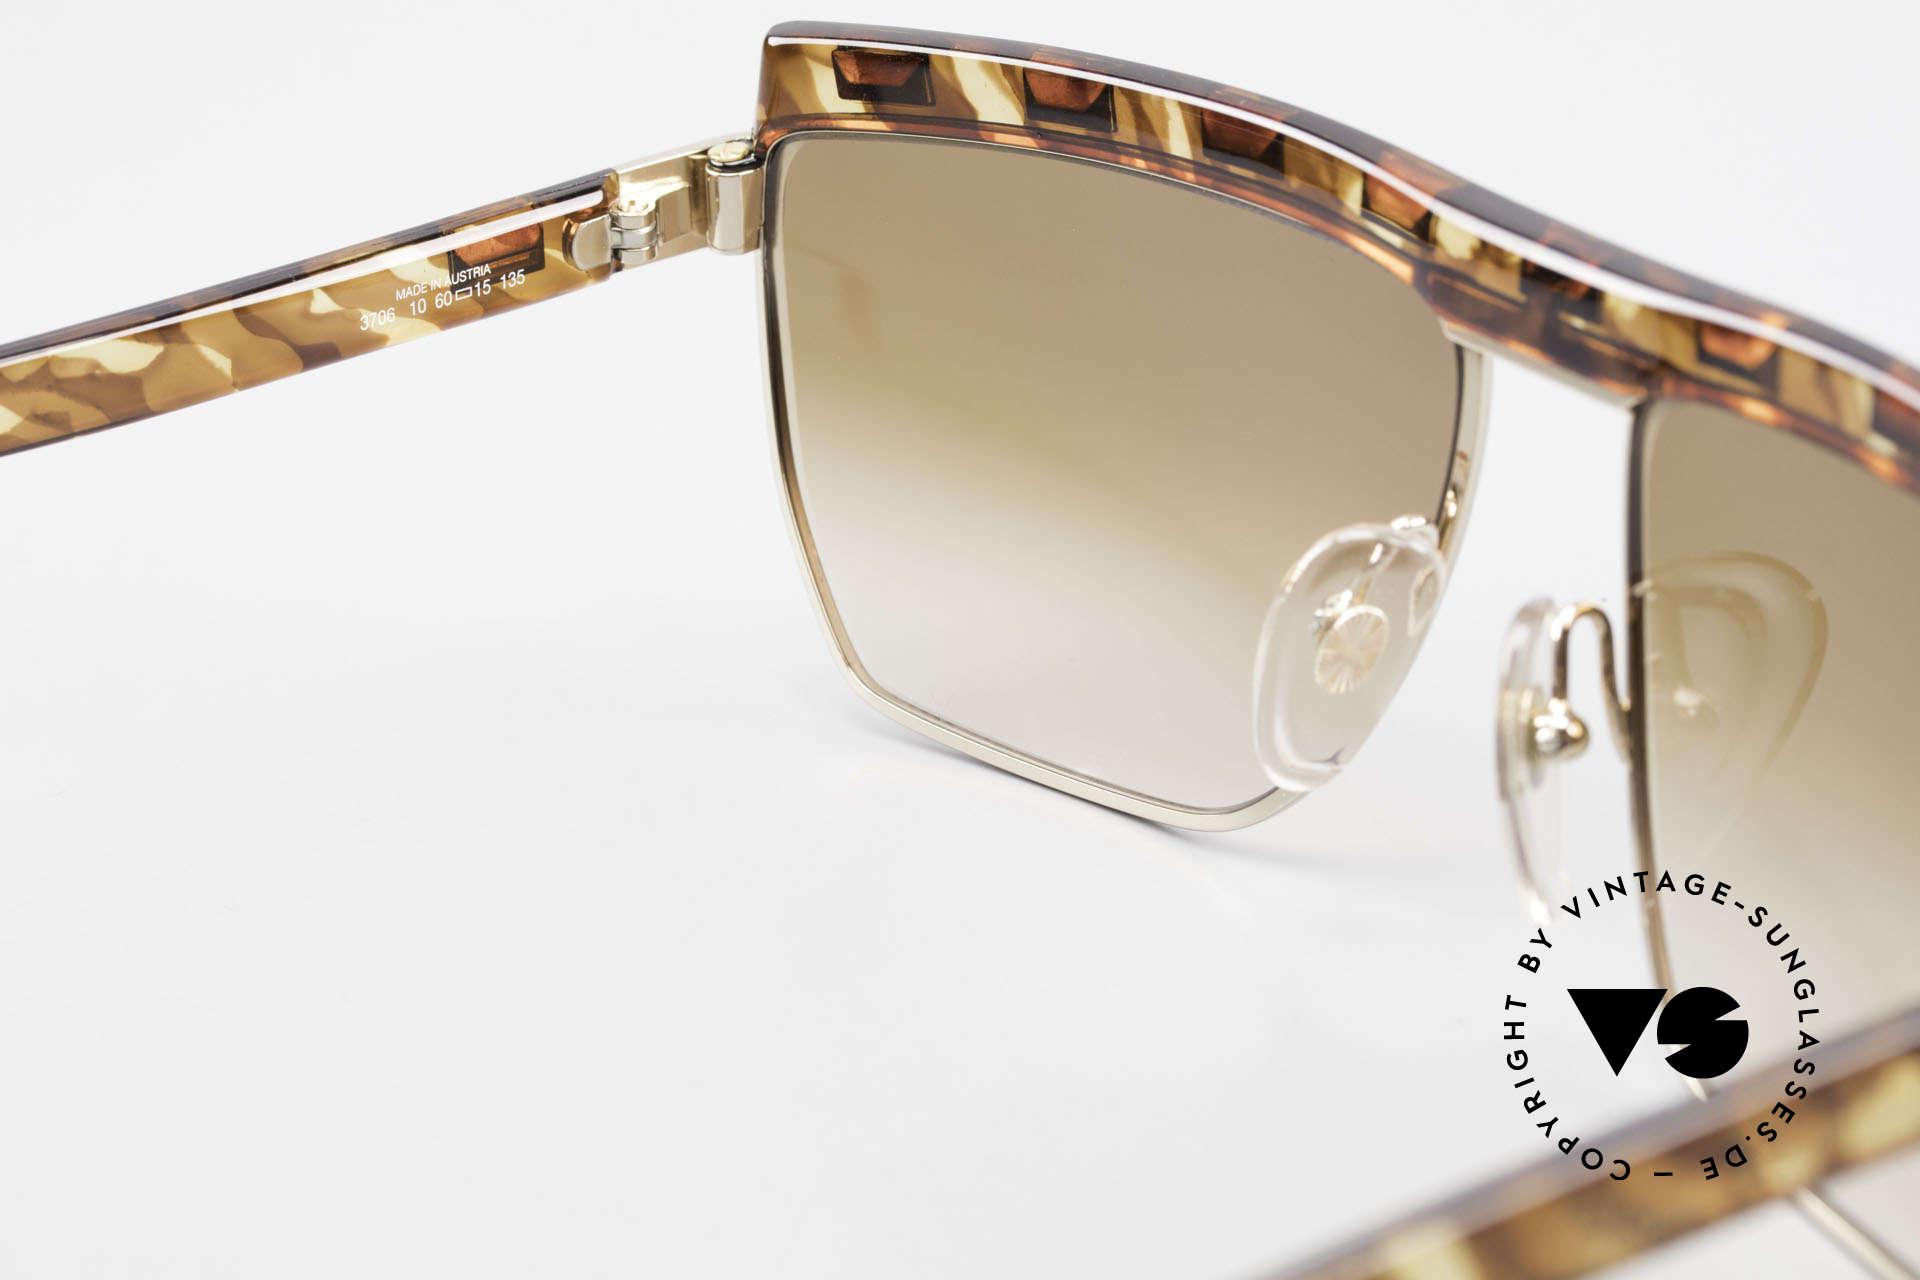 Paloma Picasso 3706 Damen Sonnenbrille Strass 90s, ungetragen (wie alle unsere vintage Sonnenbrillen), Passend für Damen